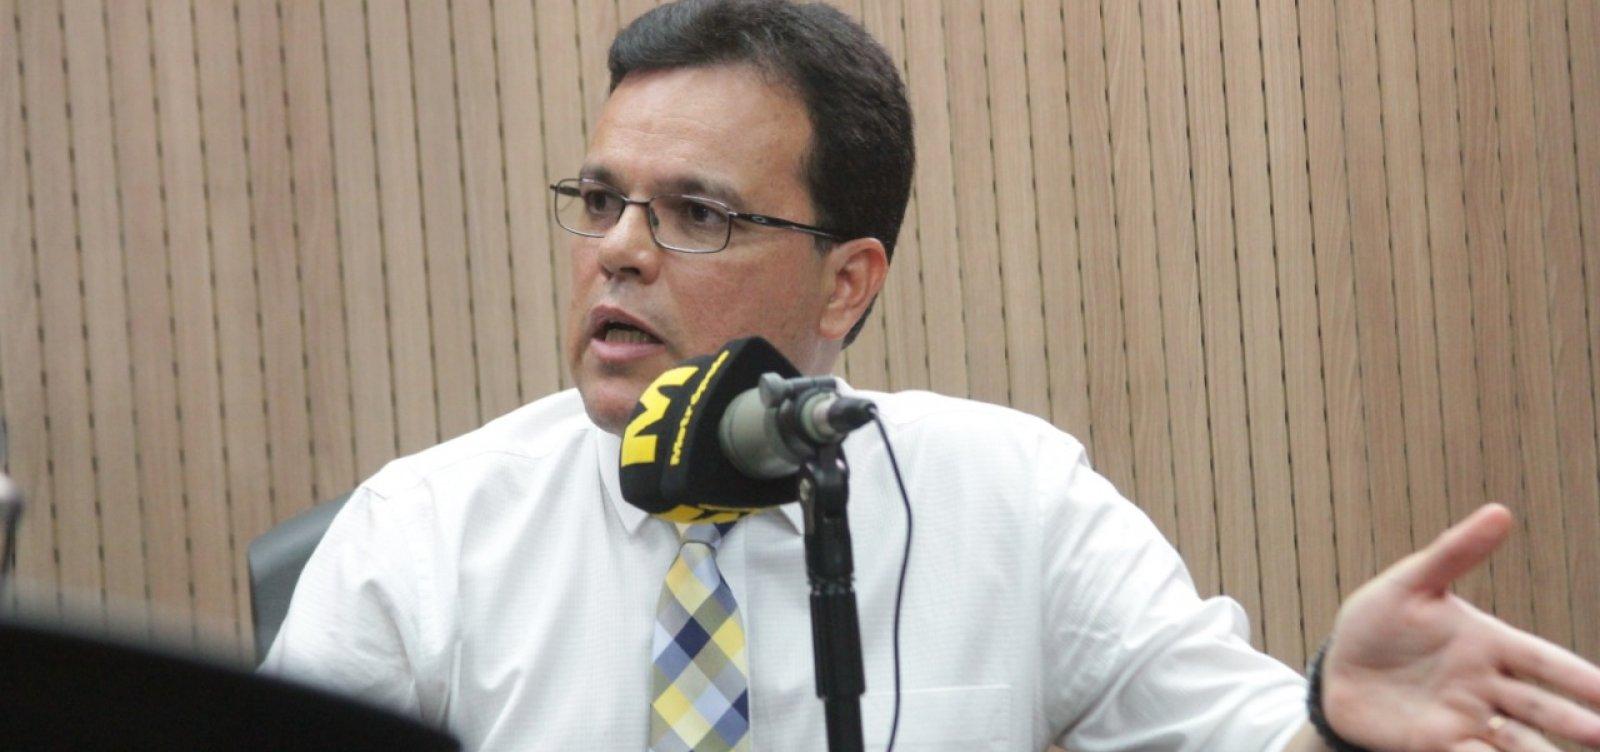 Sacado da vice-liderança na CMS, vereador afirma que colegas o queriam no posto